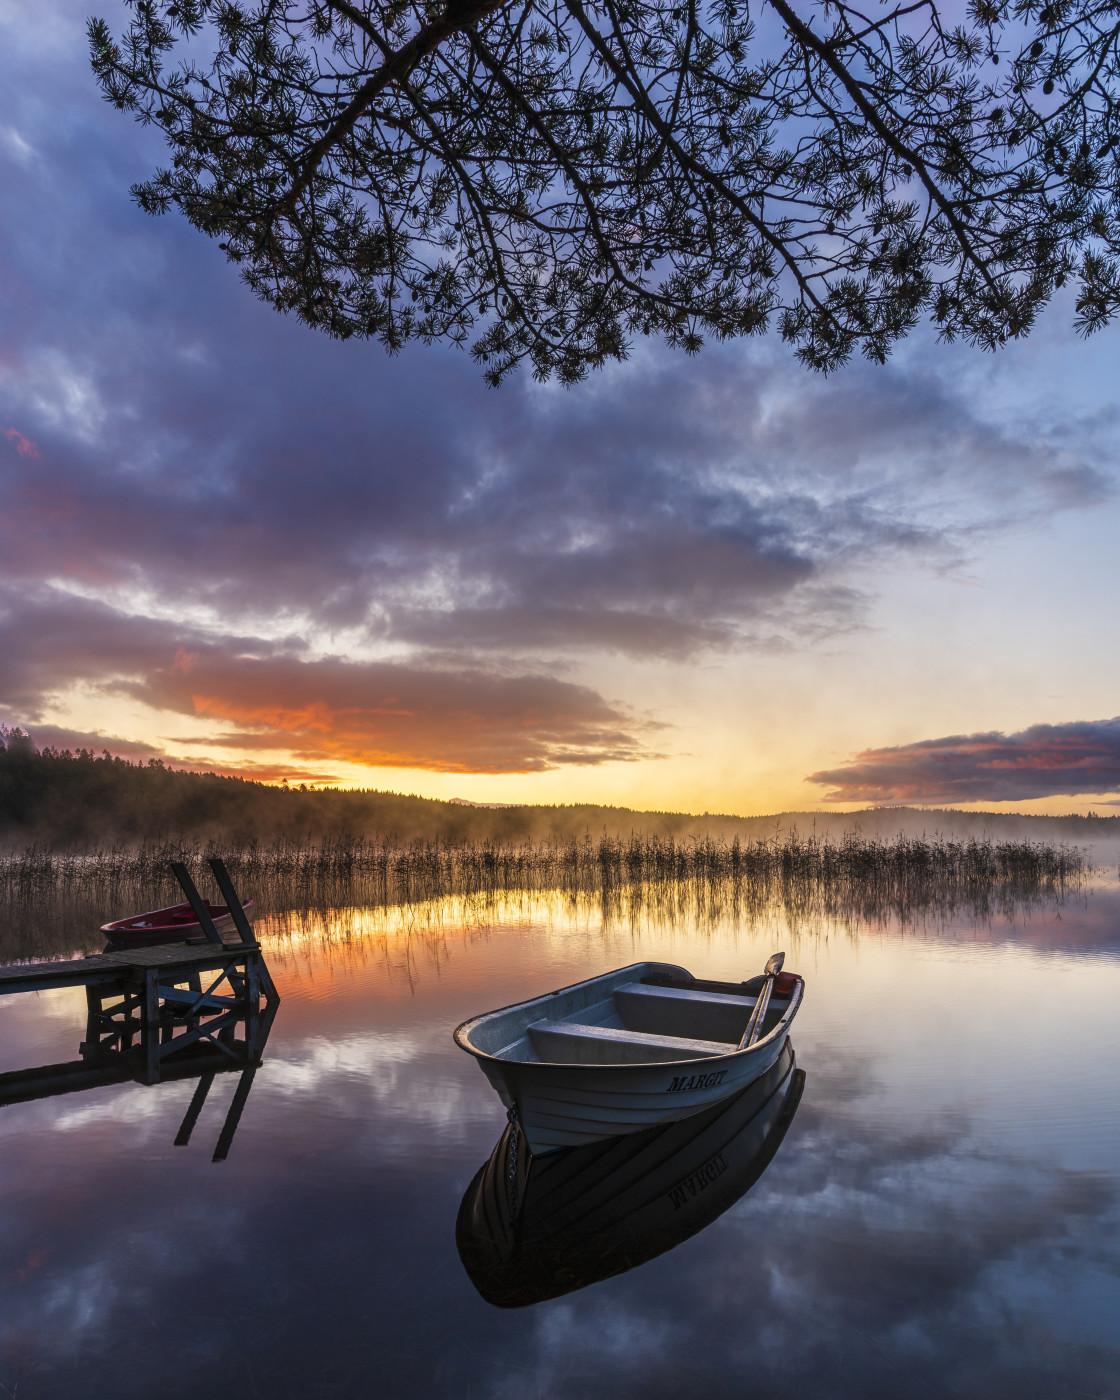 """""""Boat on calm lake at sunrise"""" stock image"""